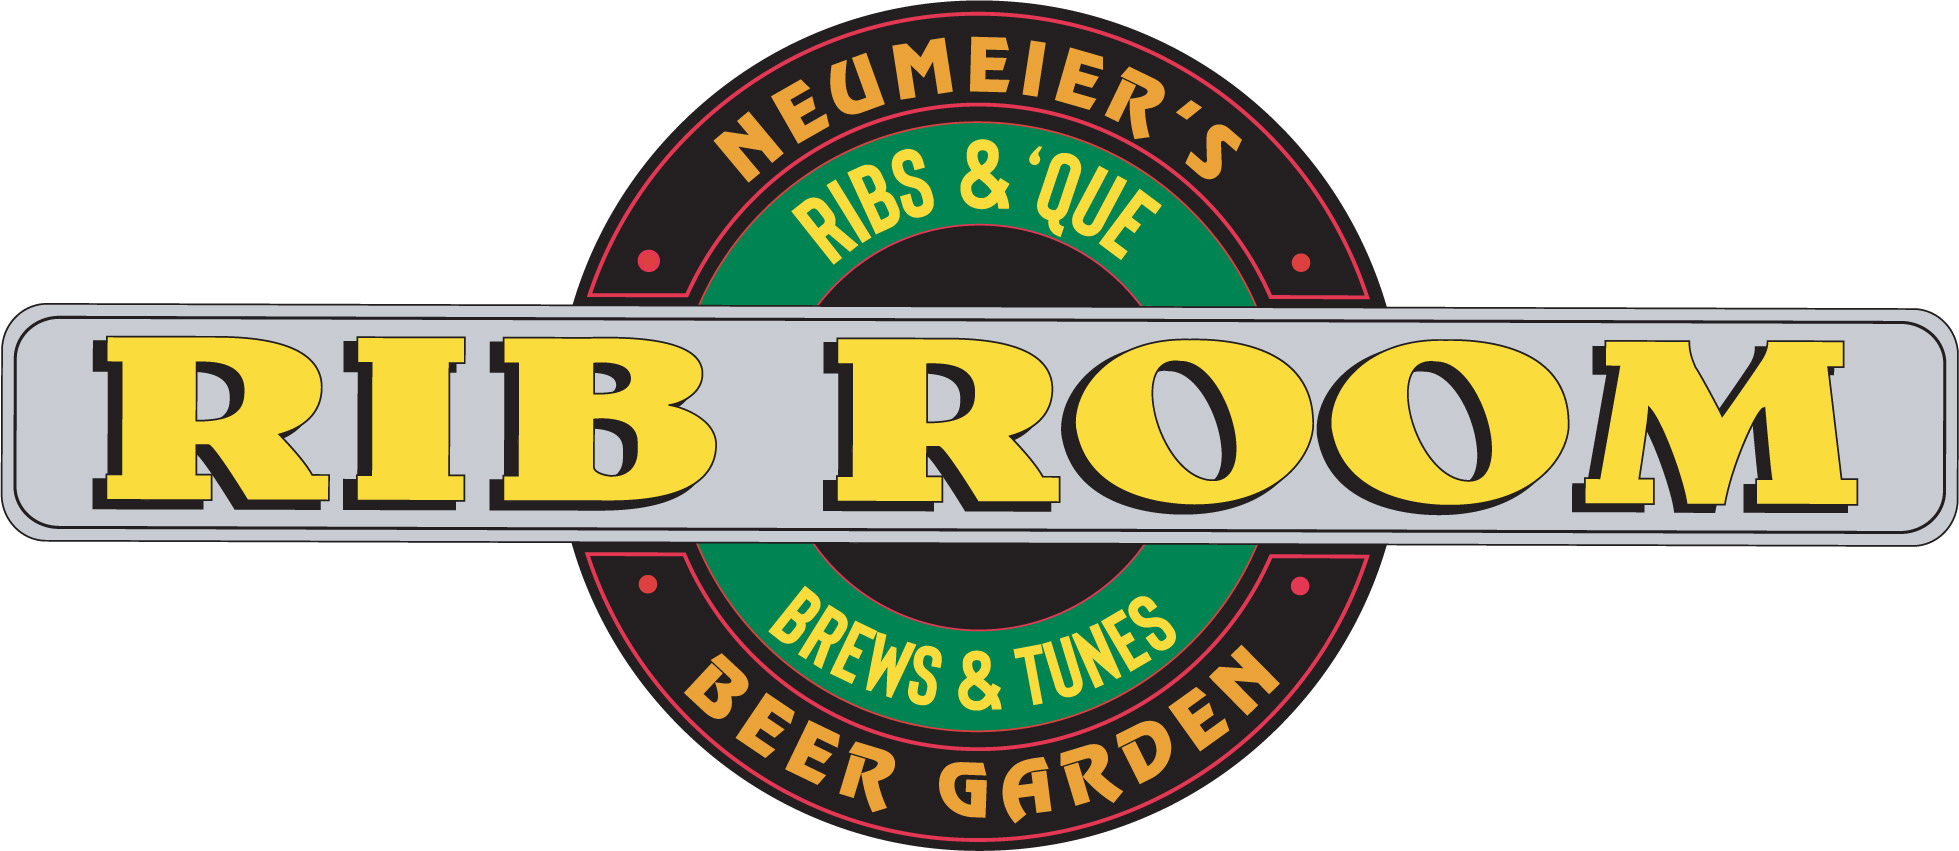 Neumeier's Rib Room & Beer Garden